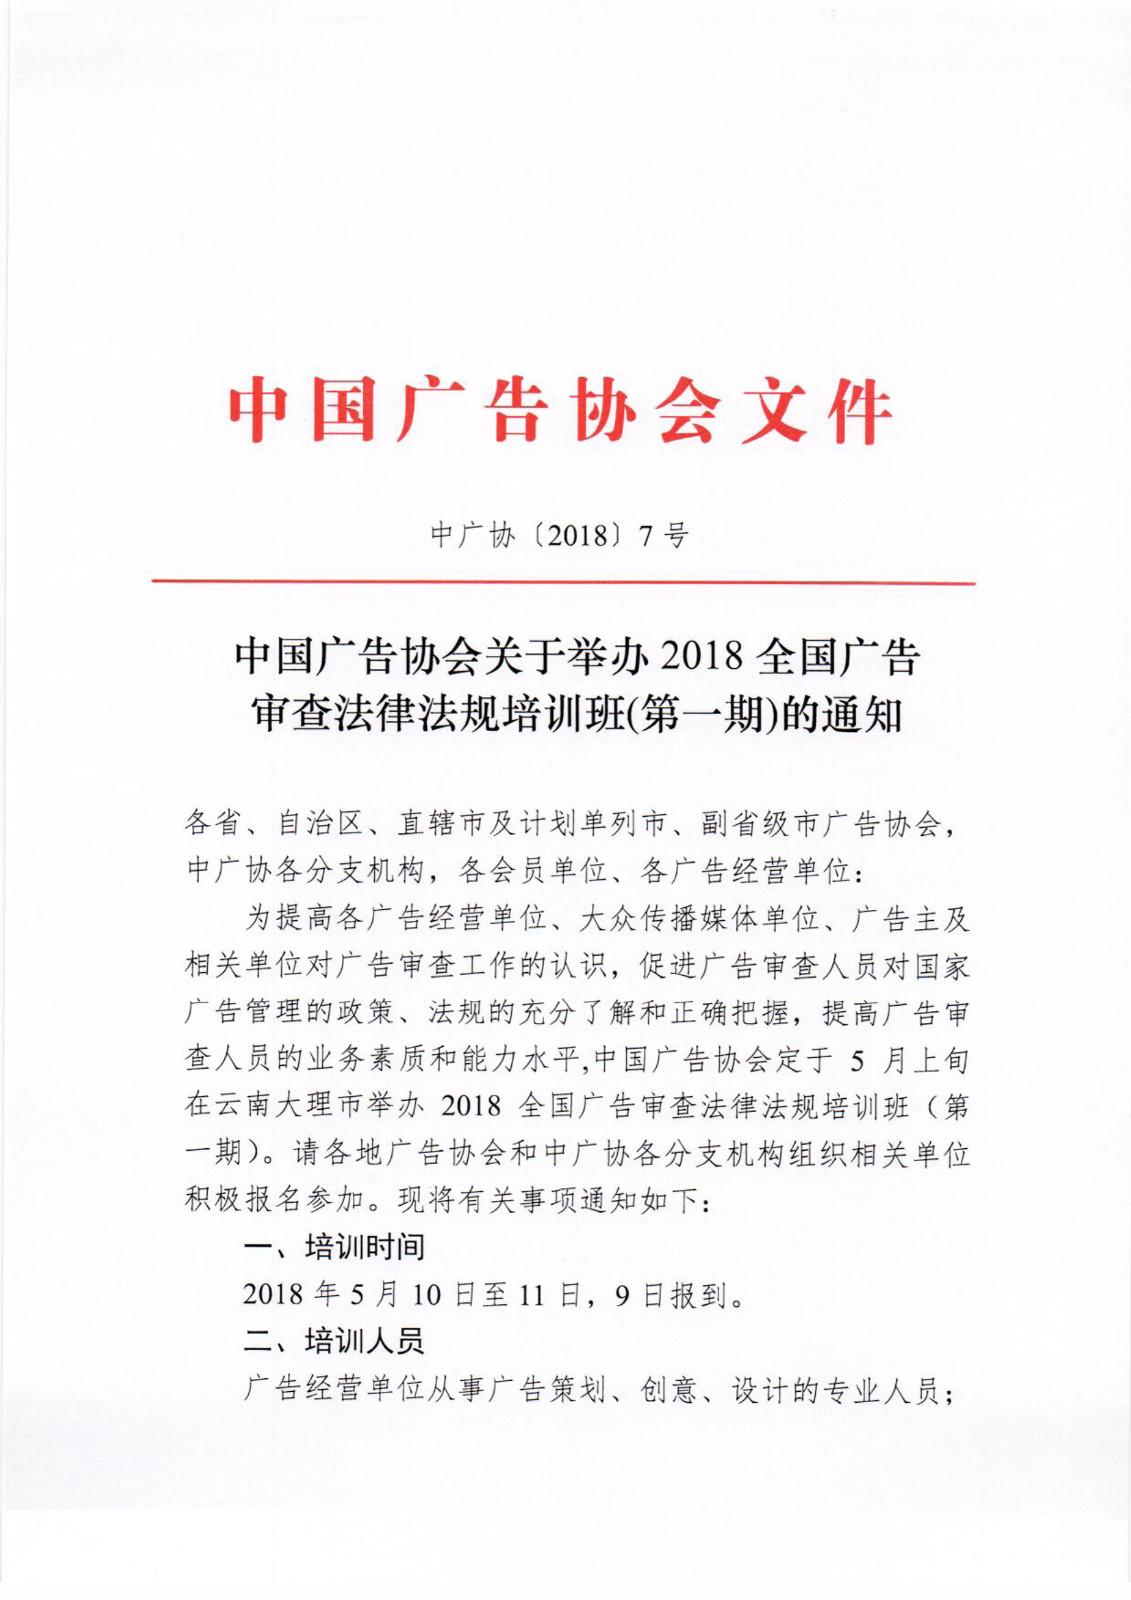 2018全国广告审查法律法规培训班(第一期)的通知(中广协〔2018〕7号)-1.jpg